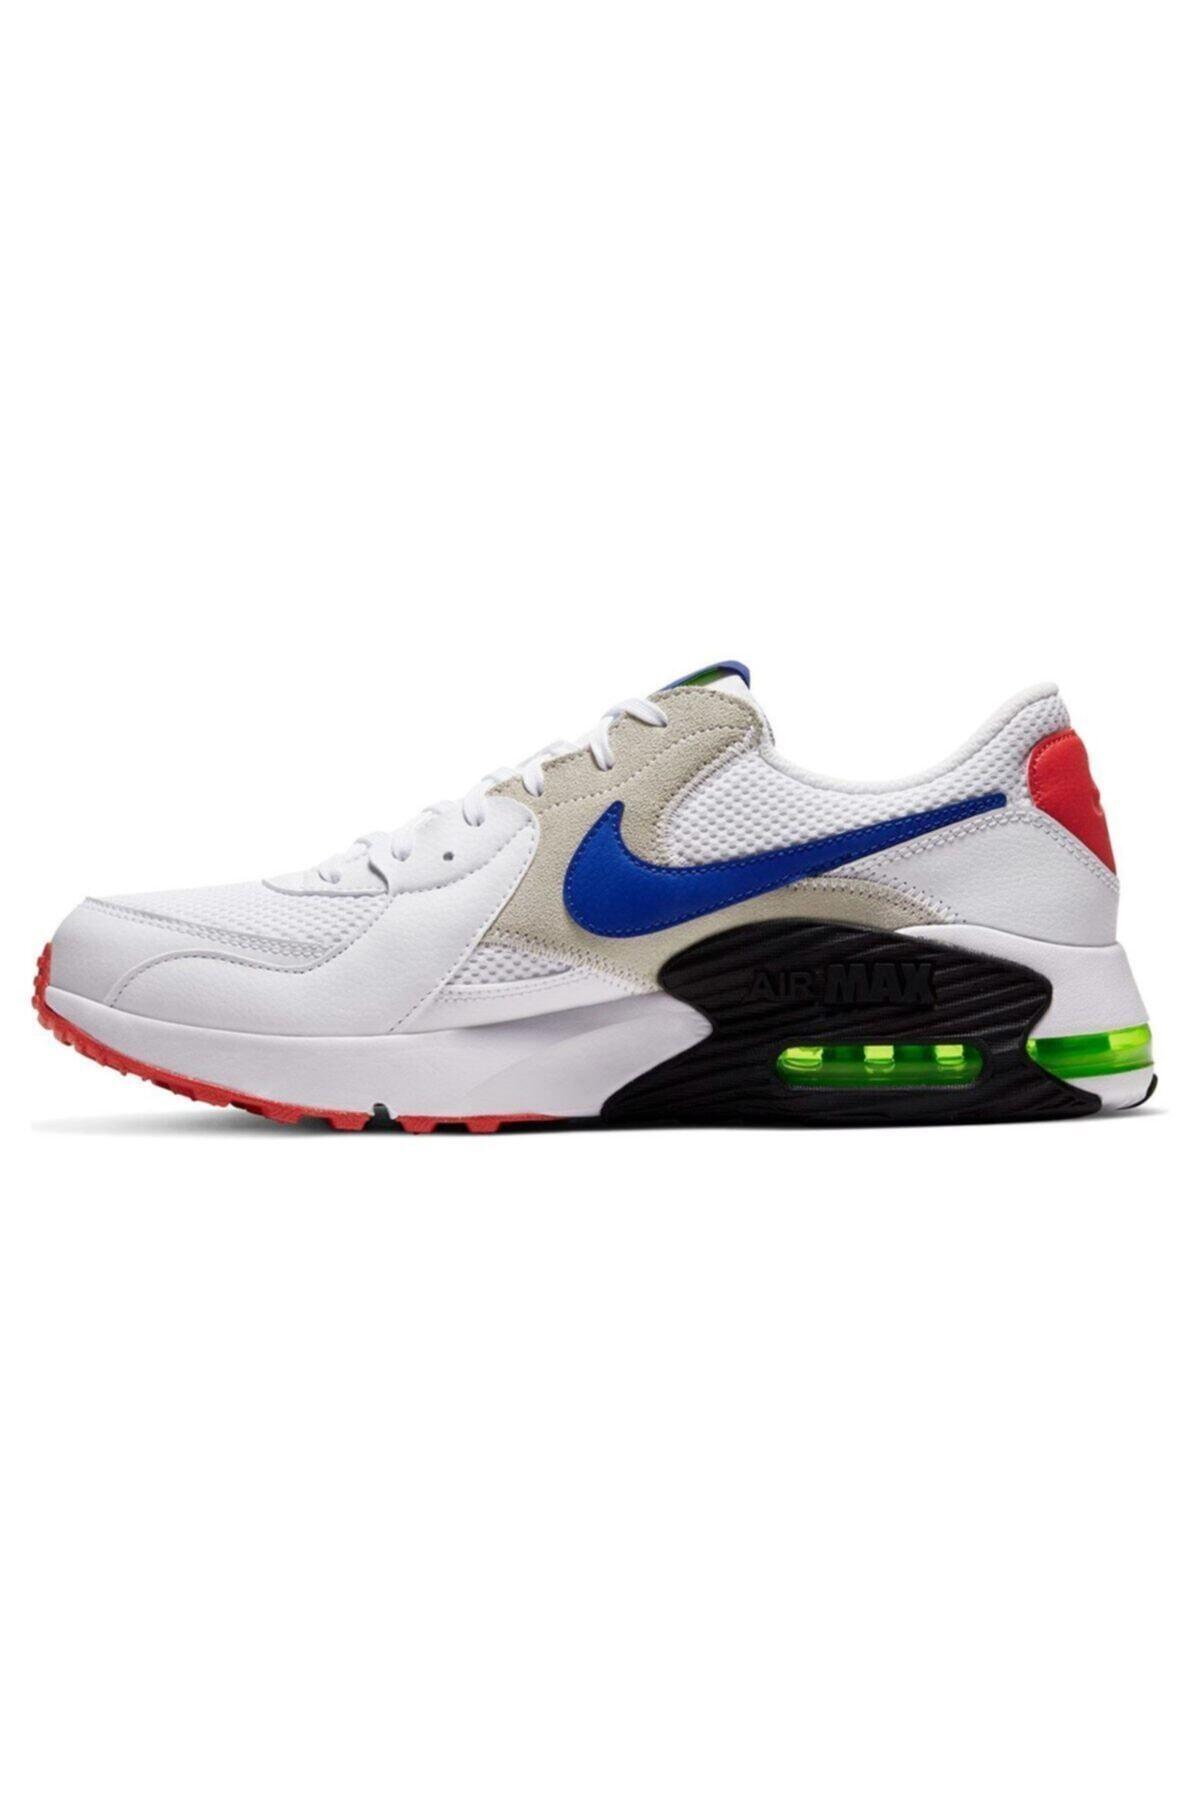 Nike Air Max Excee Erkek Günlük Ayakkabı Cd4165-101 1